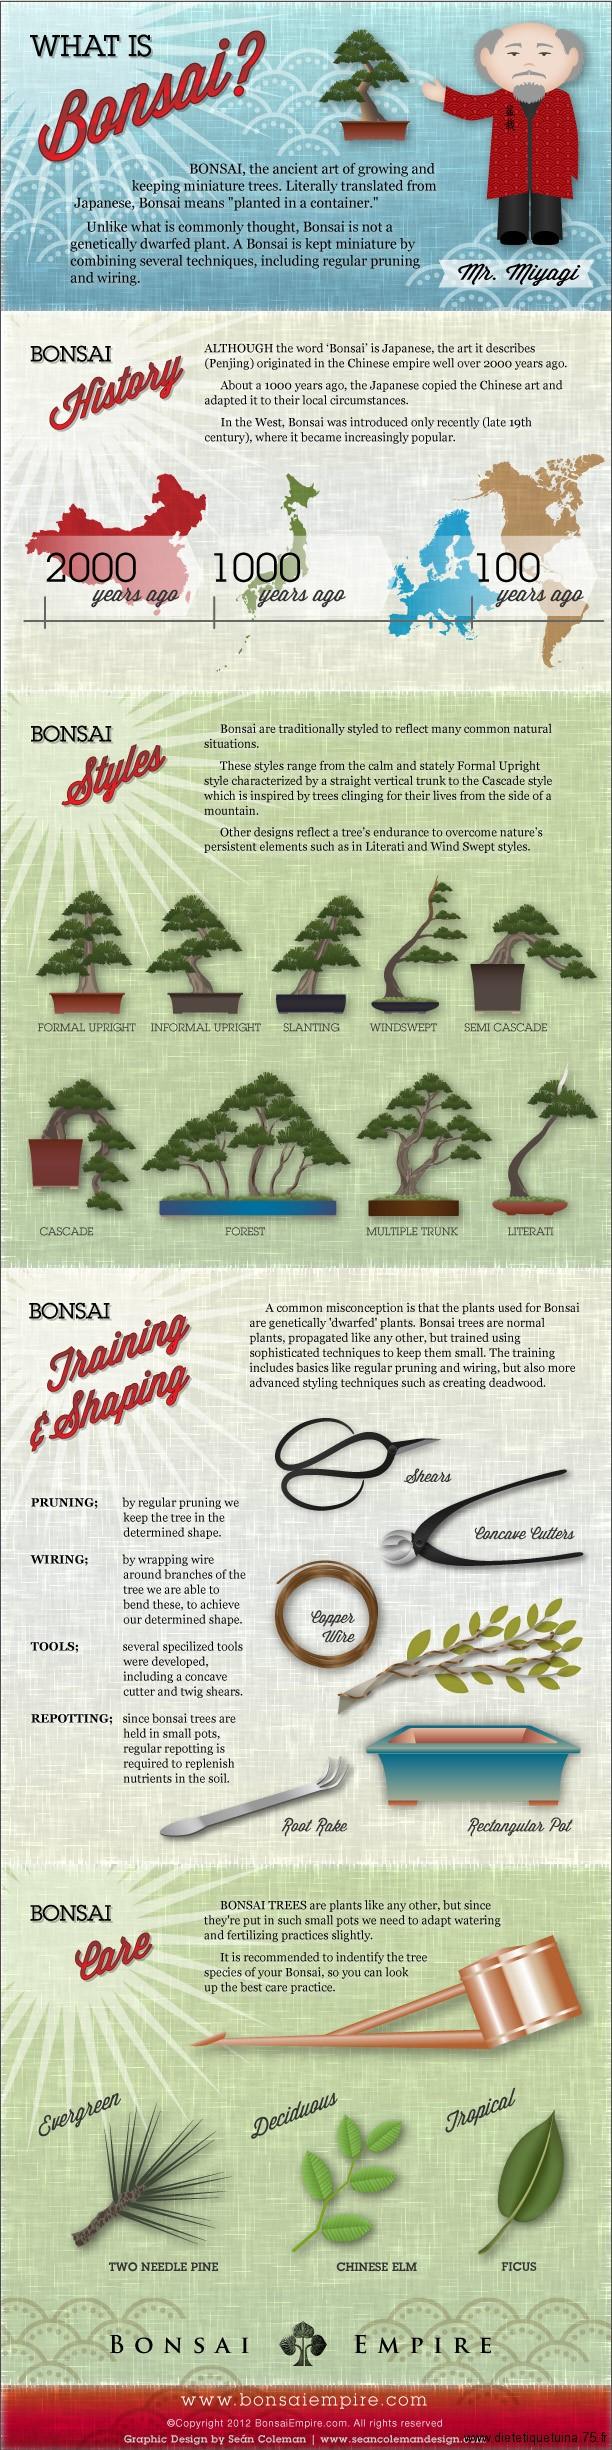 Fiche sur les bonsais